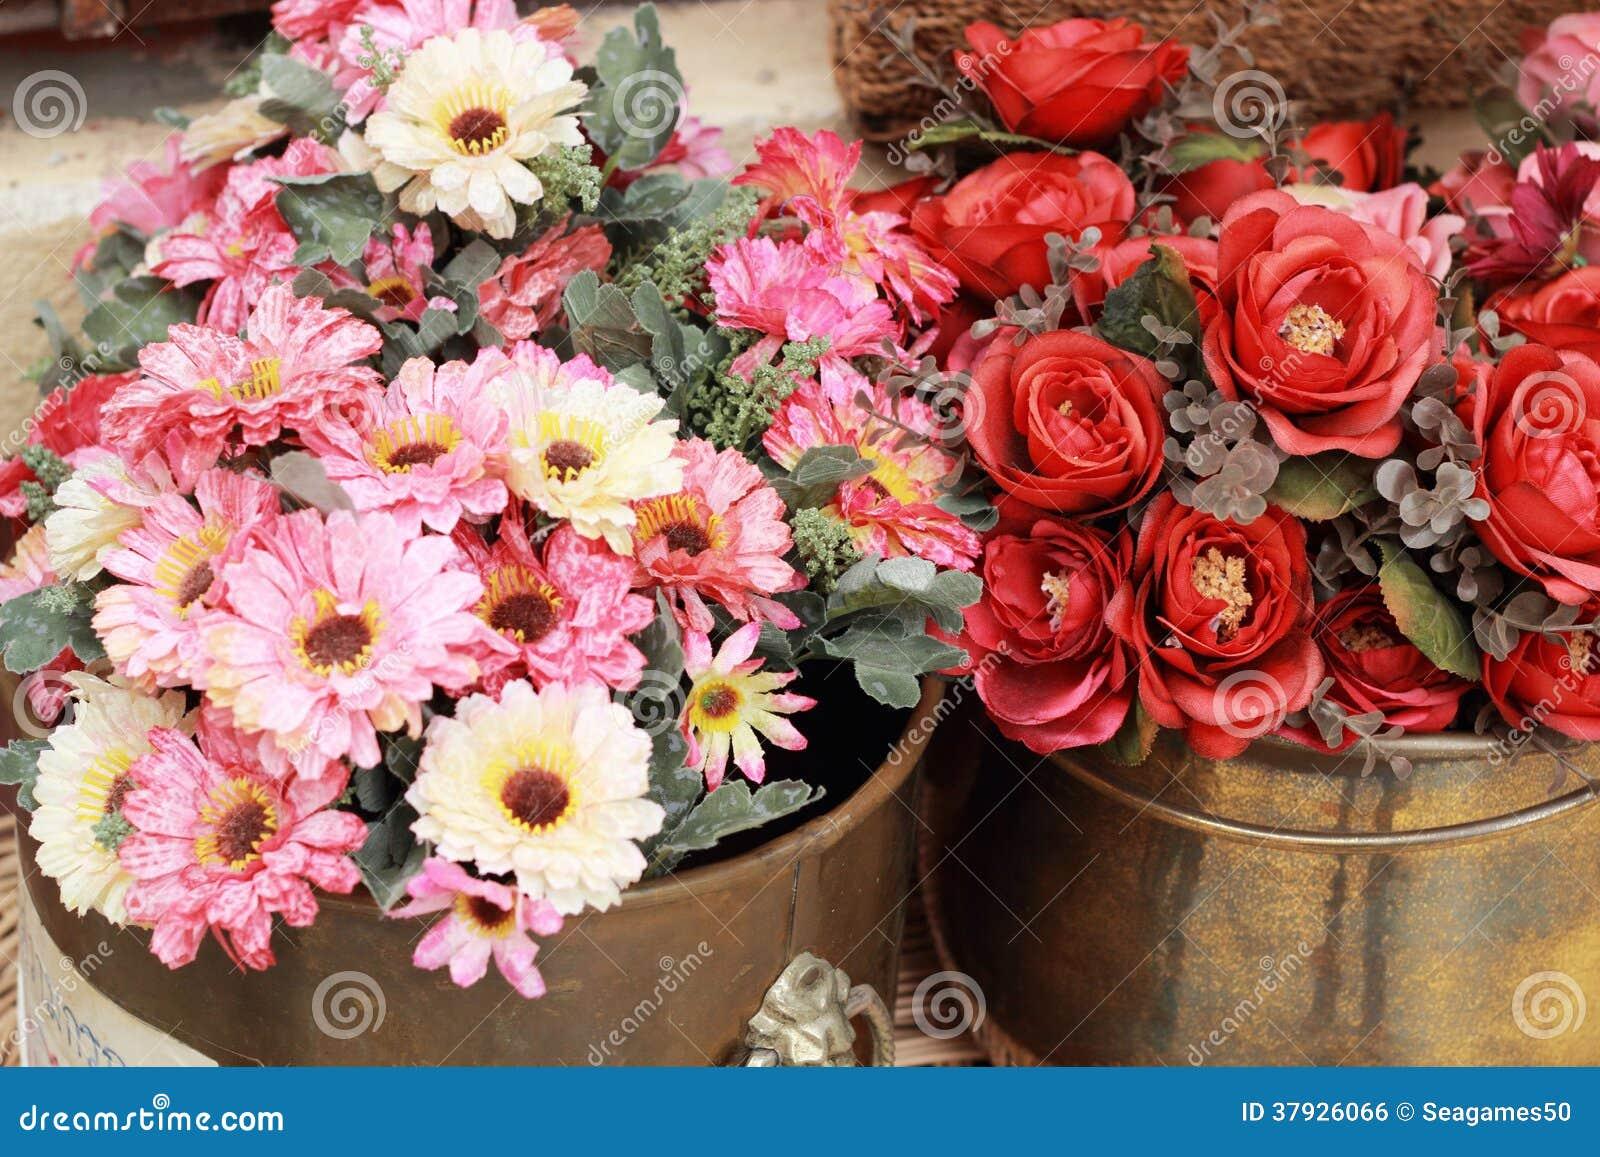 Красивая хризантема искусственных цветков